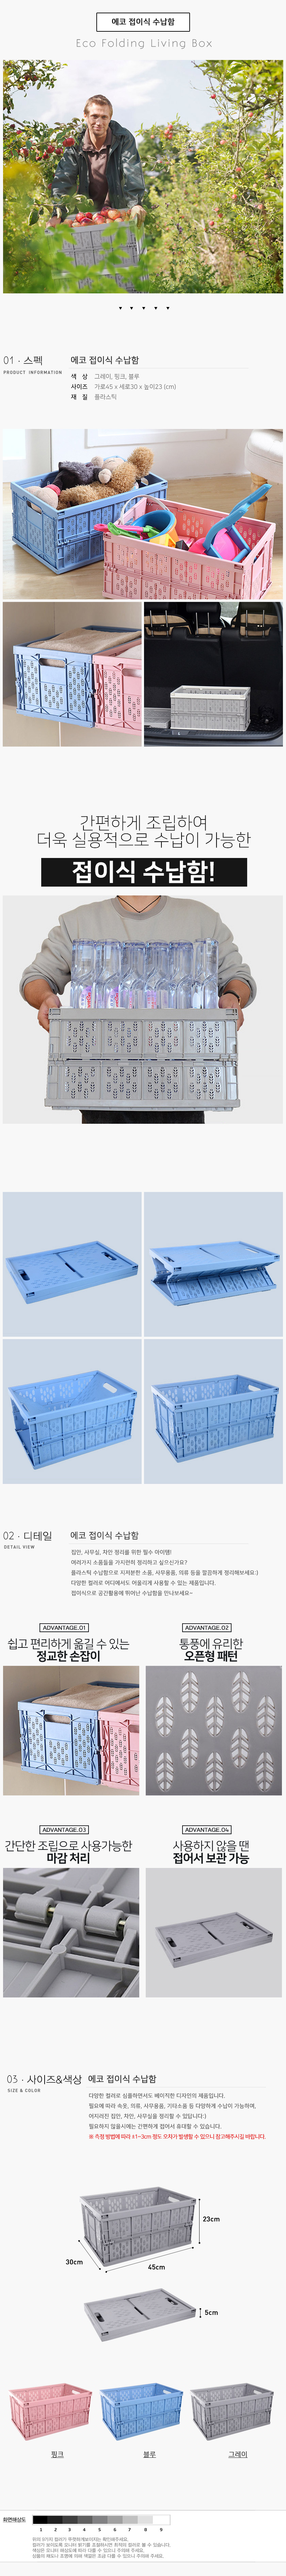 에코 플라스틱 접이식 정리함 리빙박스 bx-7309 에코 - 데코레이디, 12,900원, 정리/리빙박스, 플라스틱 리빙박스